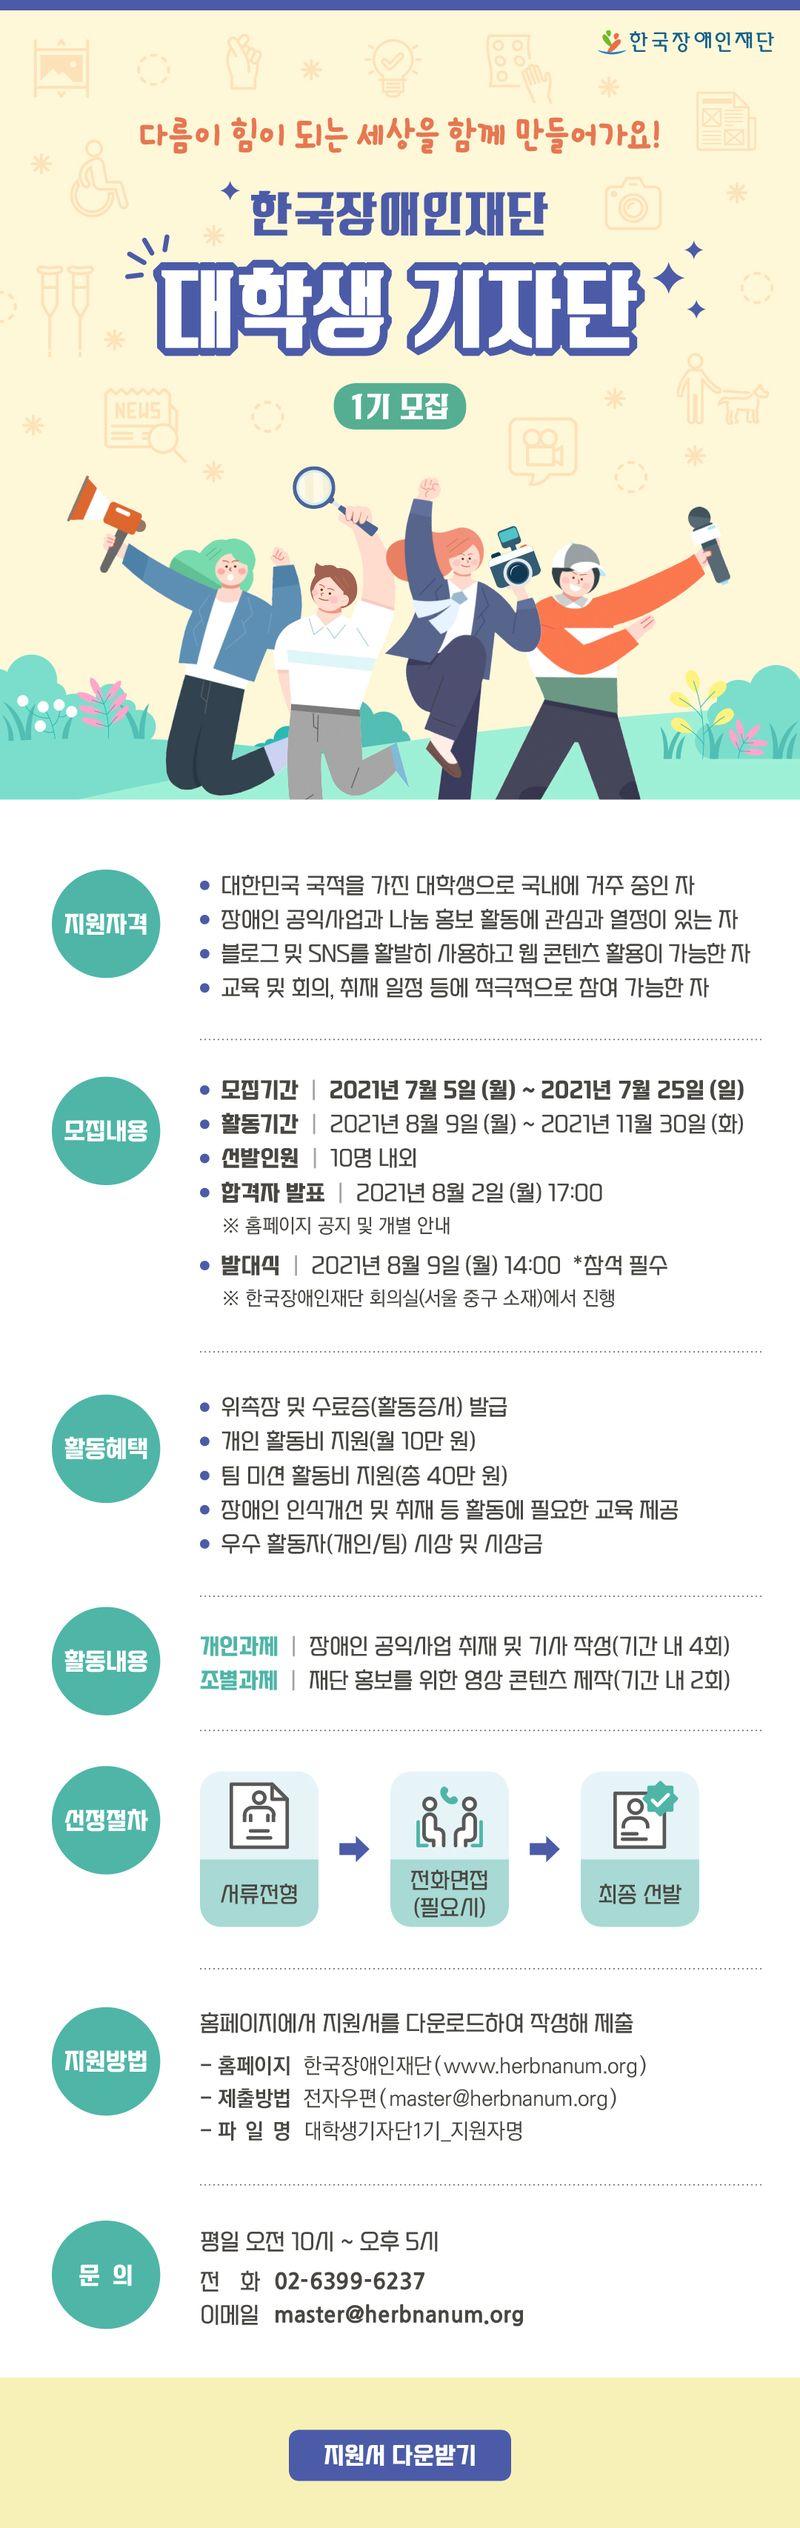 한국장애인재단 대학생 기자단 1기 모집